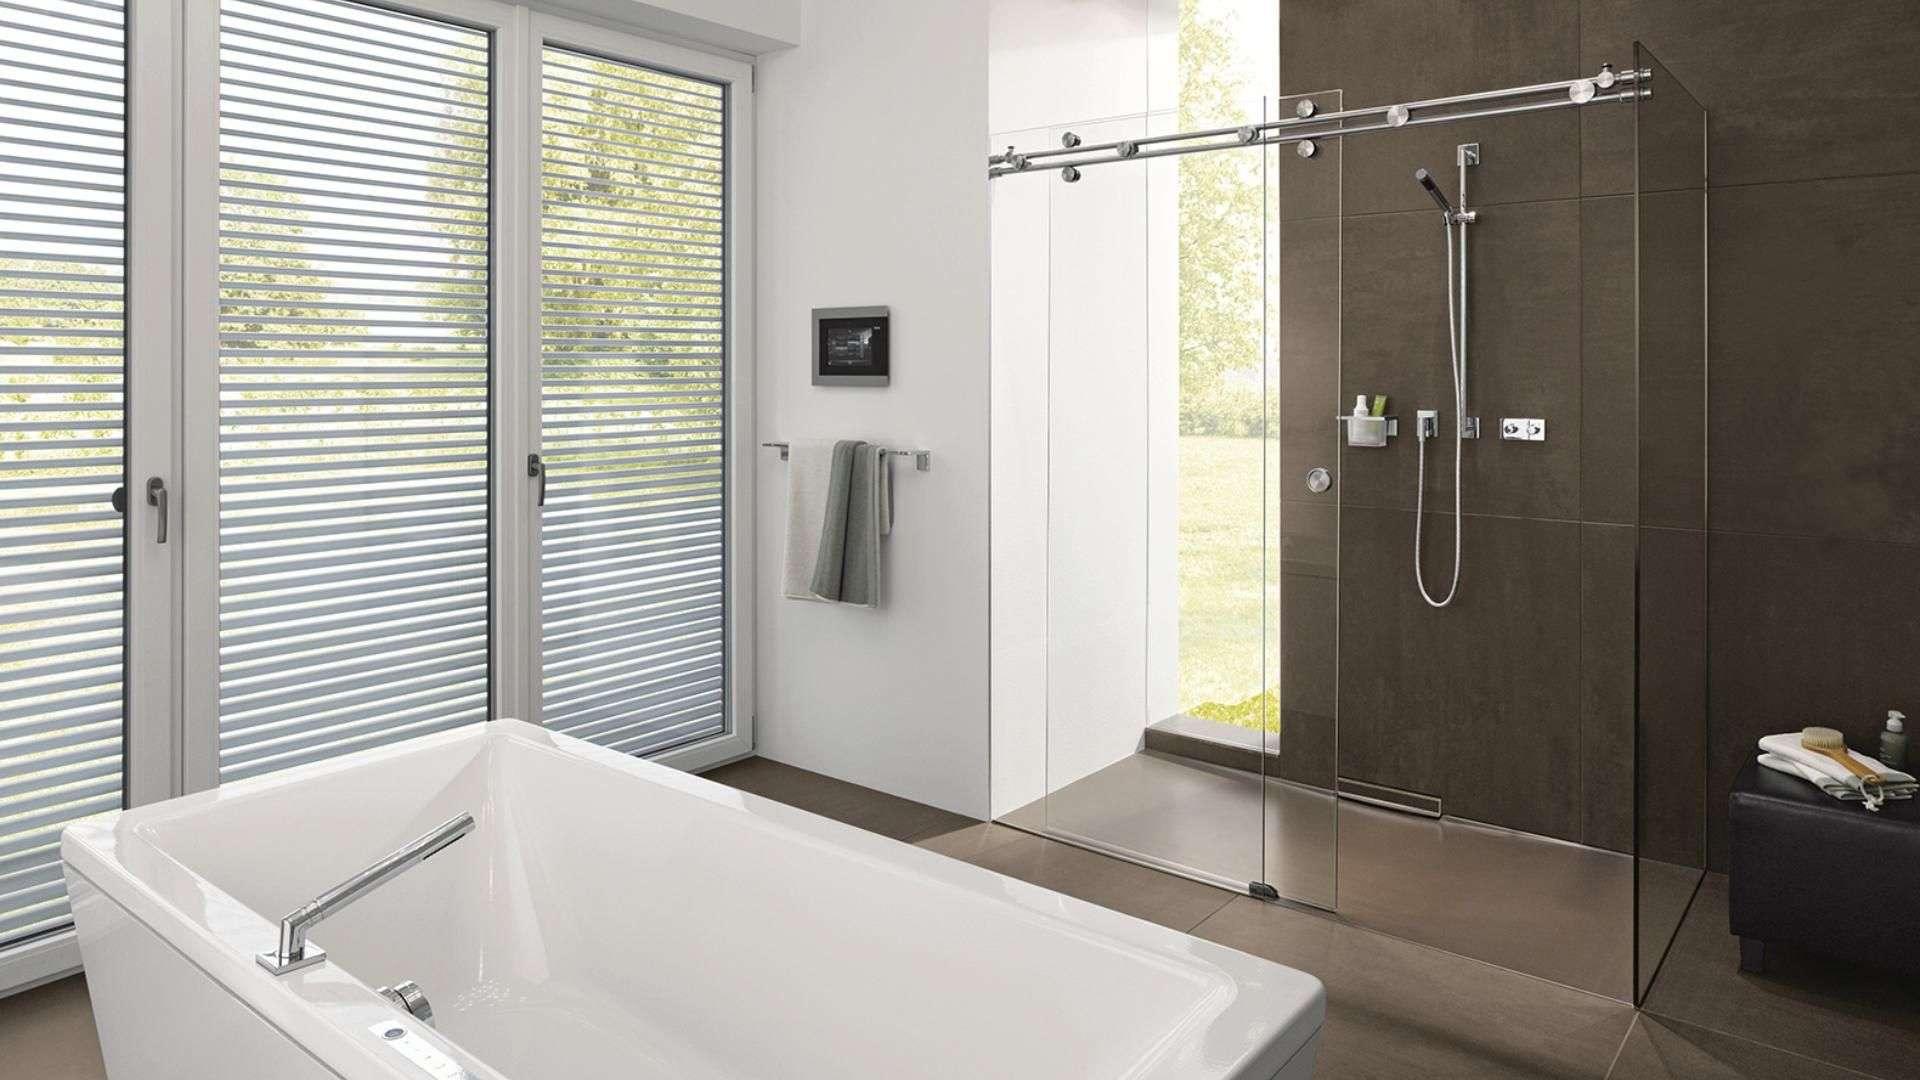 modernes Badezimmer mit Dusche mit Glas-Schiebetür